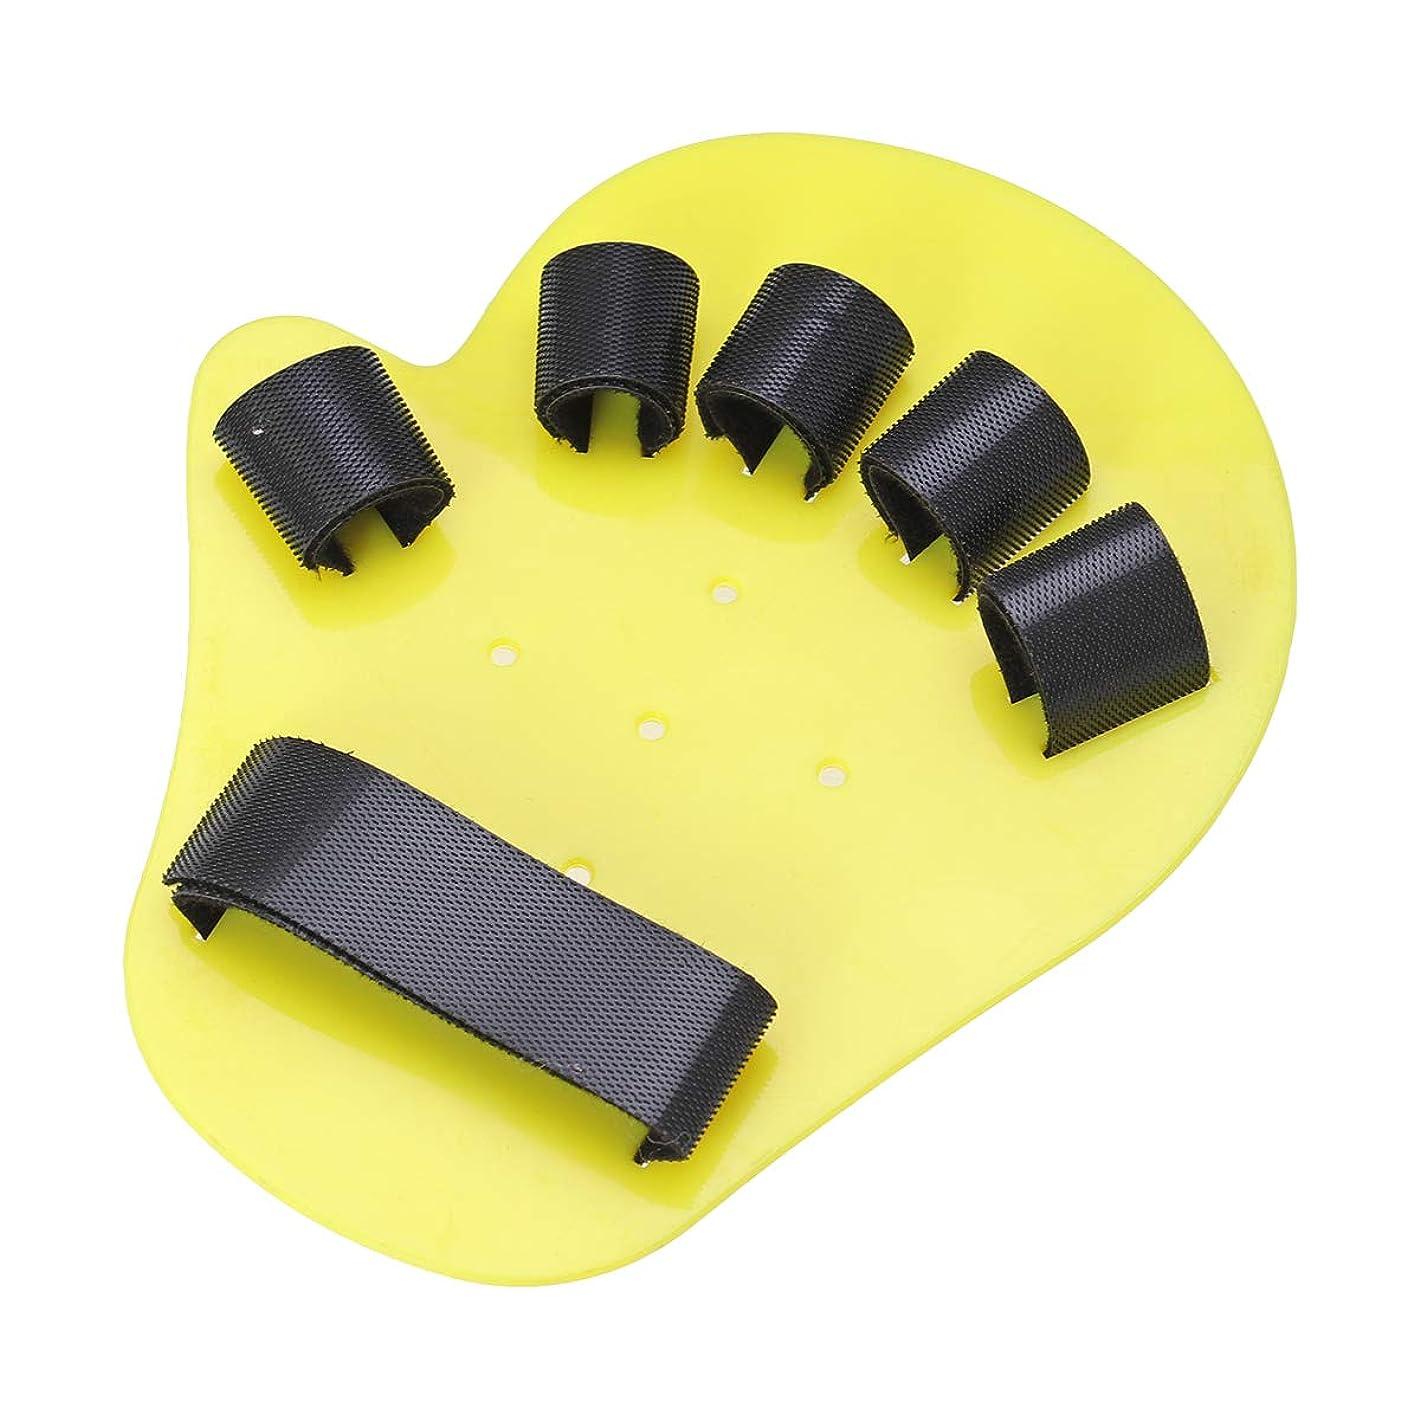 公爵夫人リズムシュガーSUPVOX 指矯正装置子供の指の訓練板指の添え木指先片麻痺1-5年